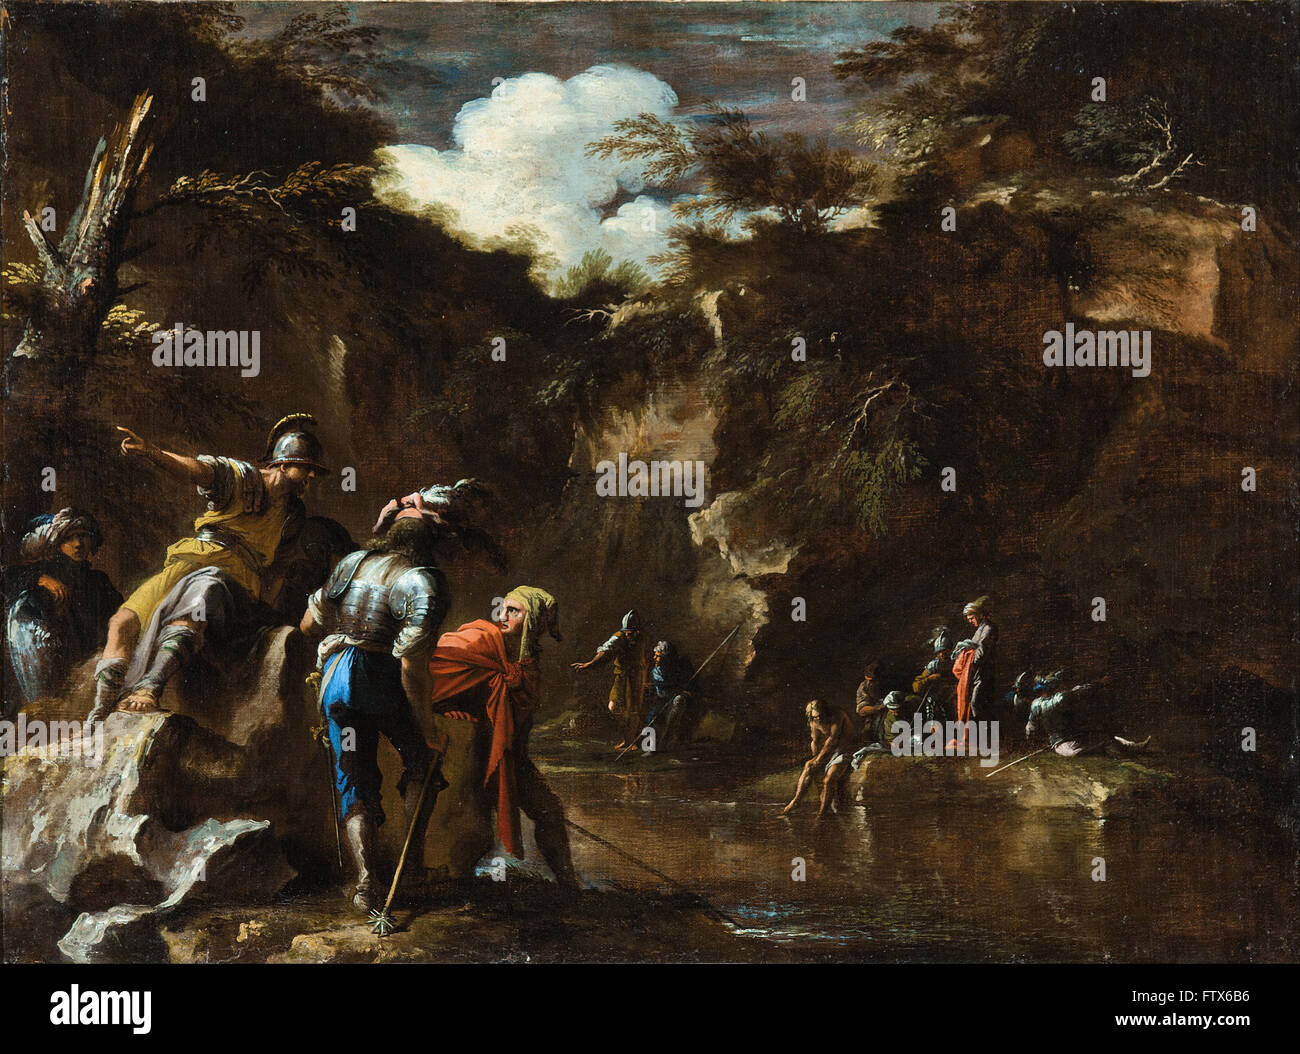 Salvator Rosa - Scena dalla storia greca Immagini Stock